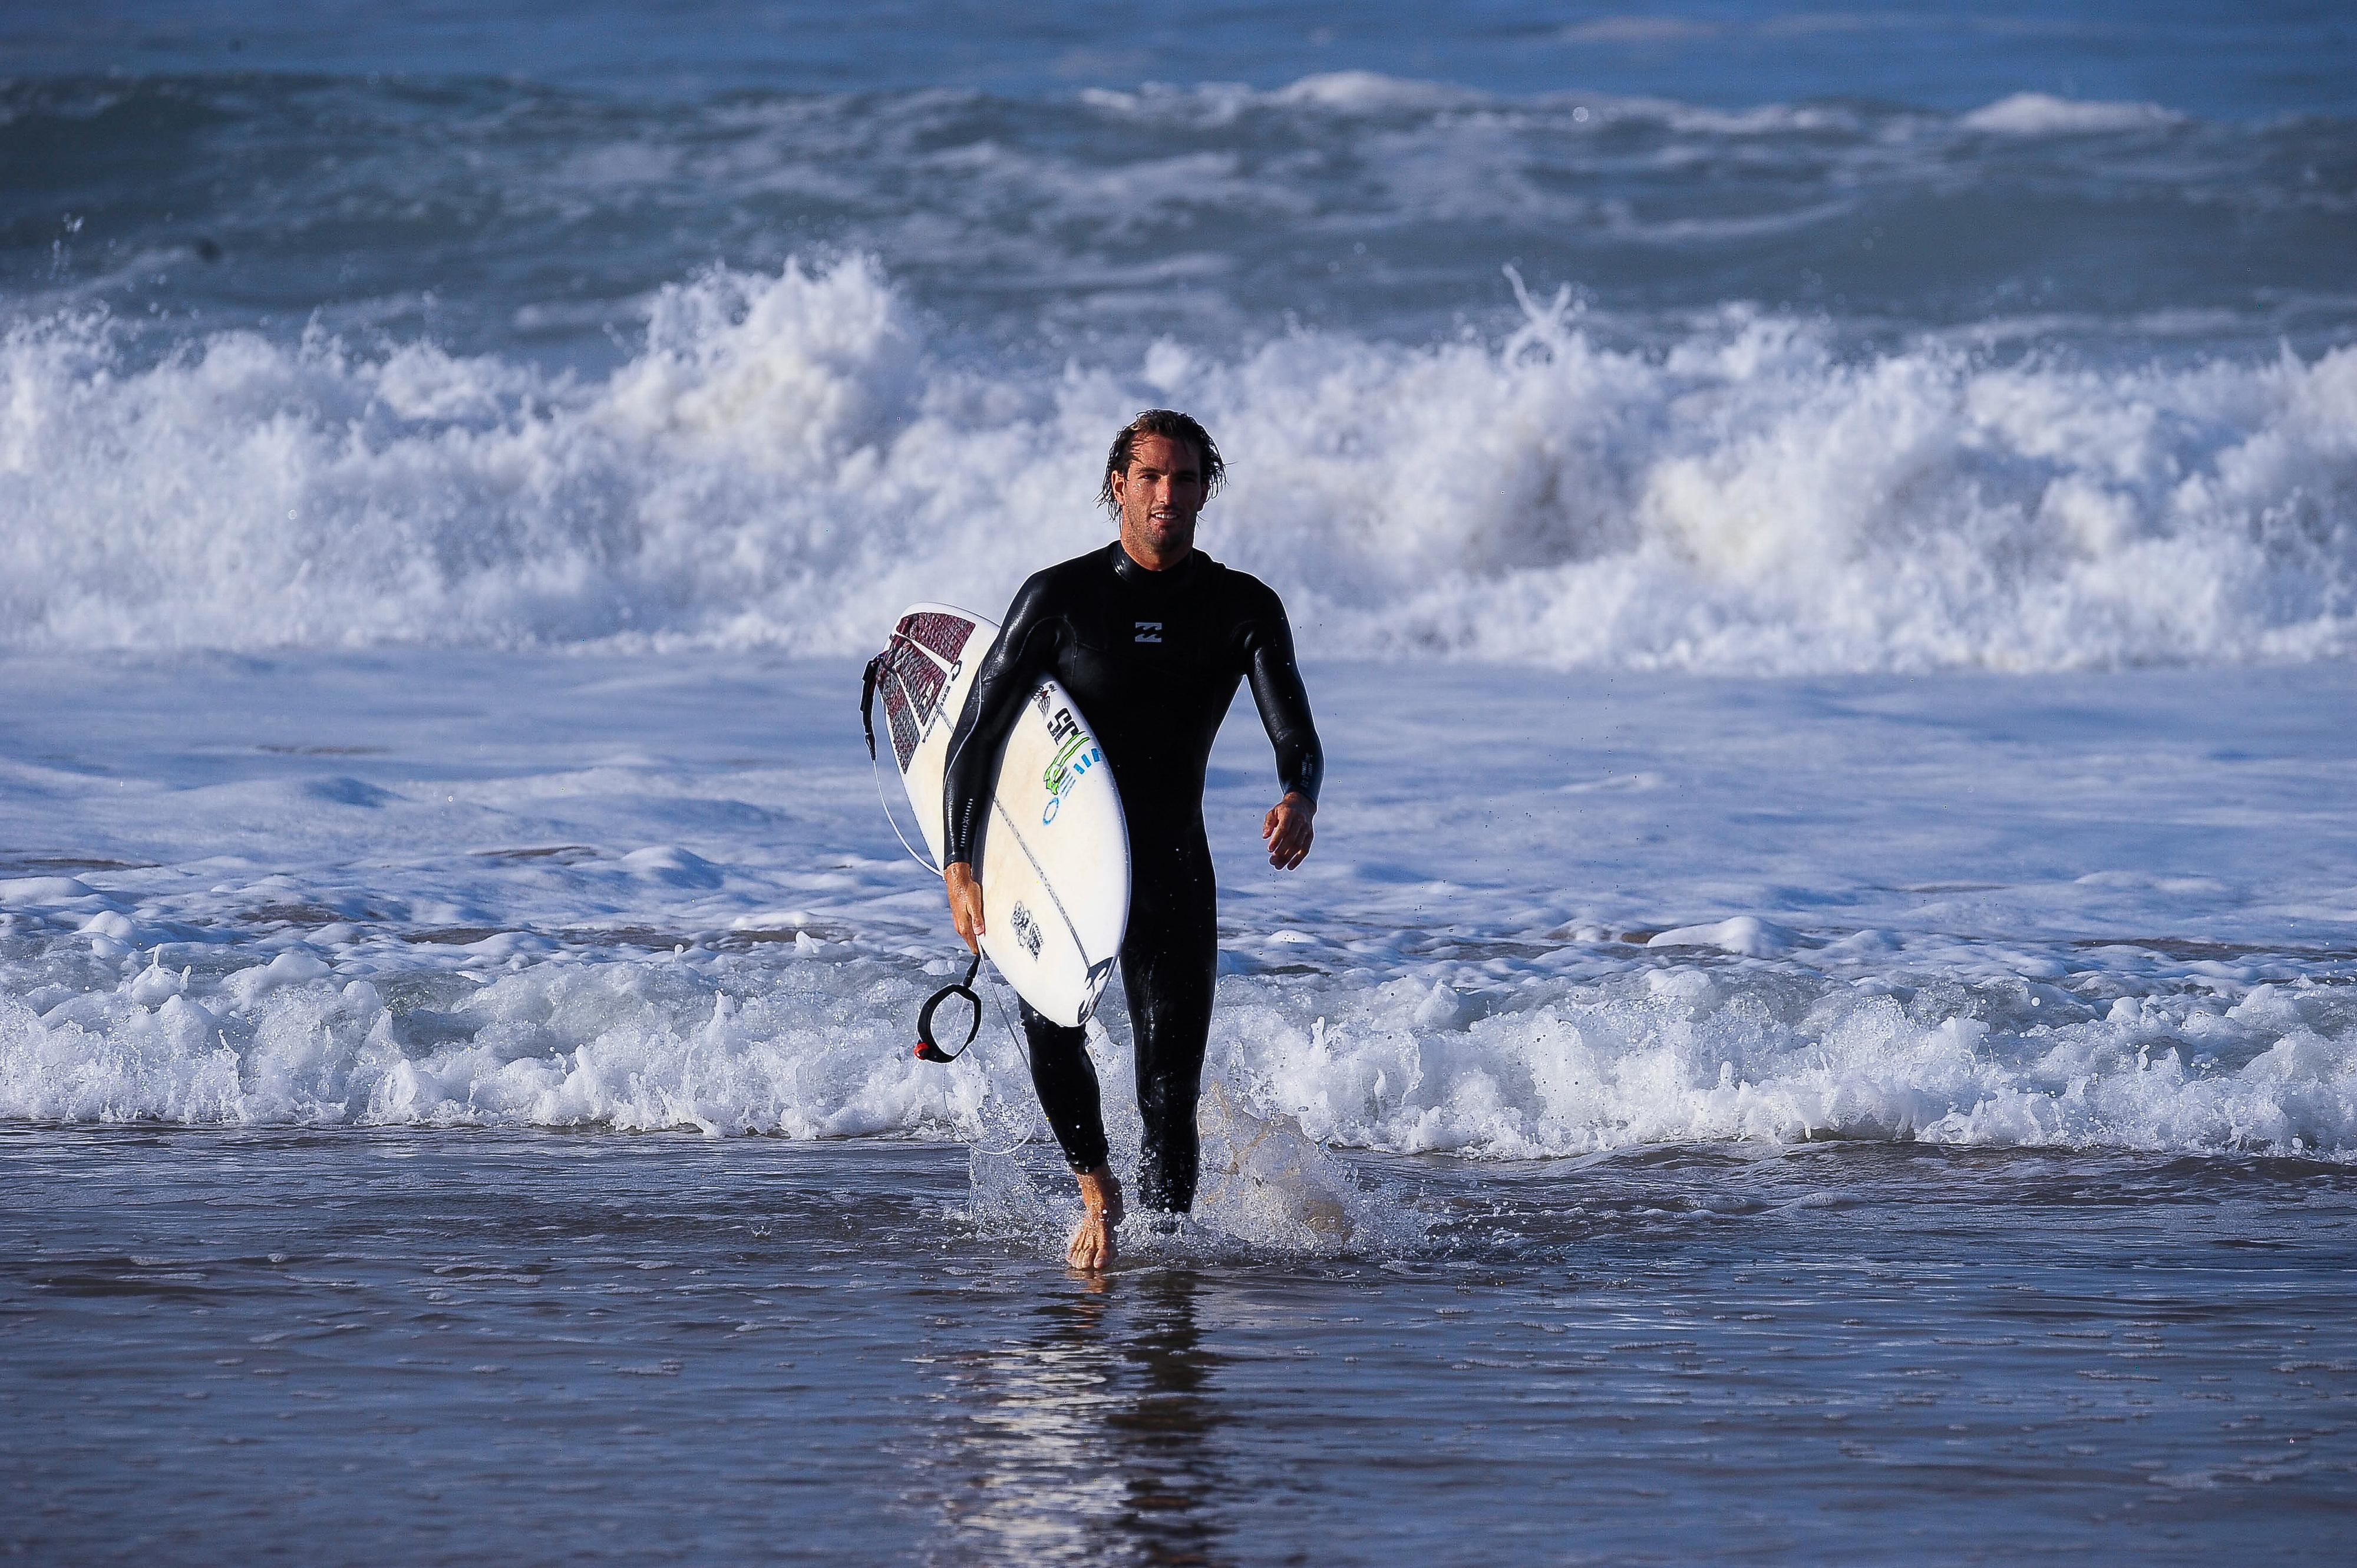 Frederico Morais avança para a quarta ronda da etapa de Peniche do circuito de surf